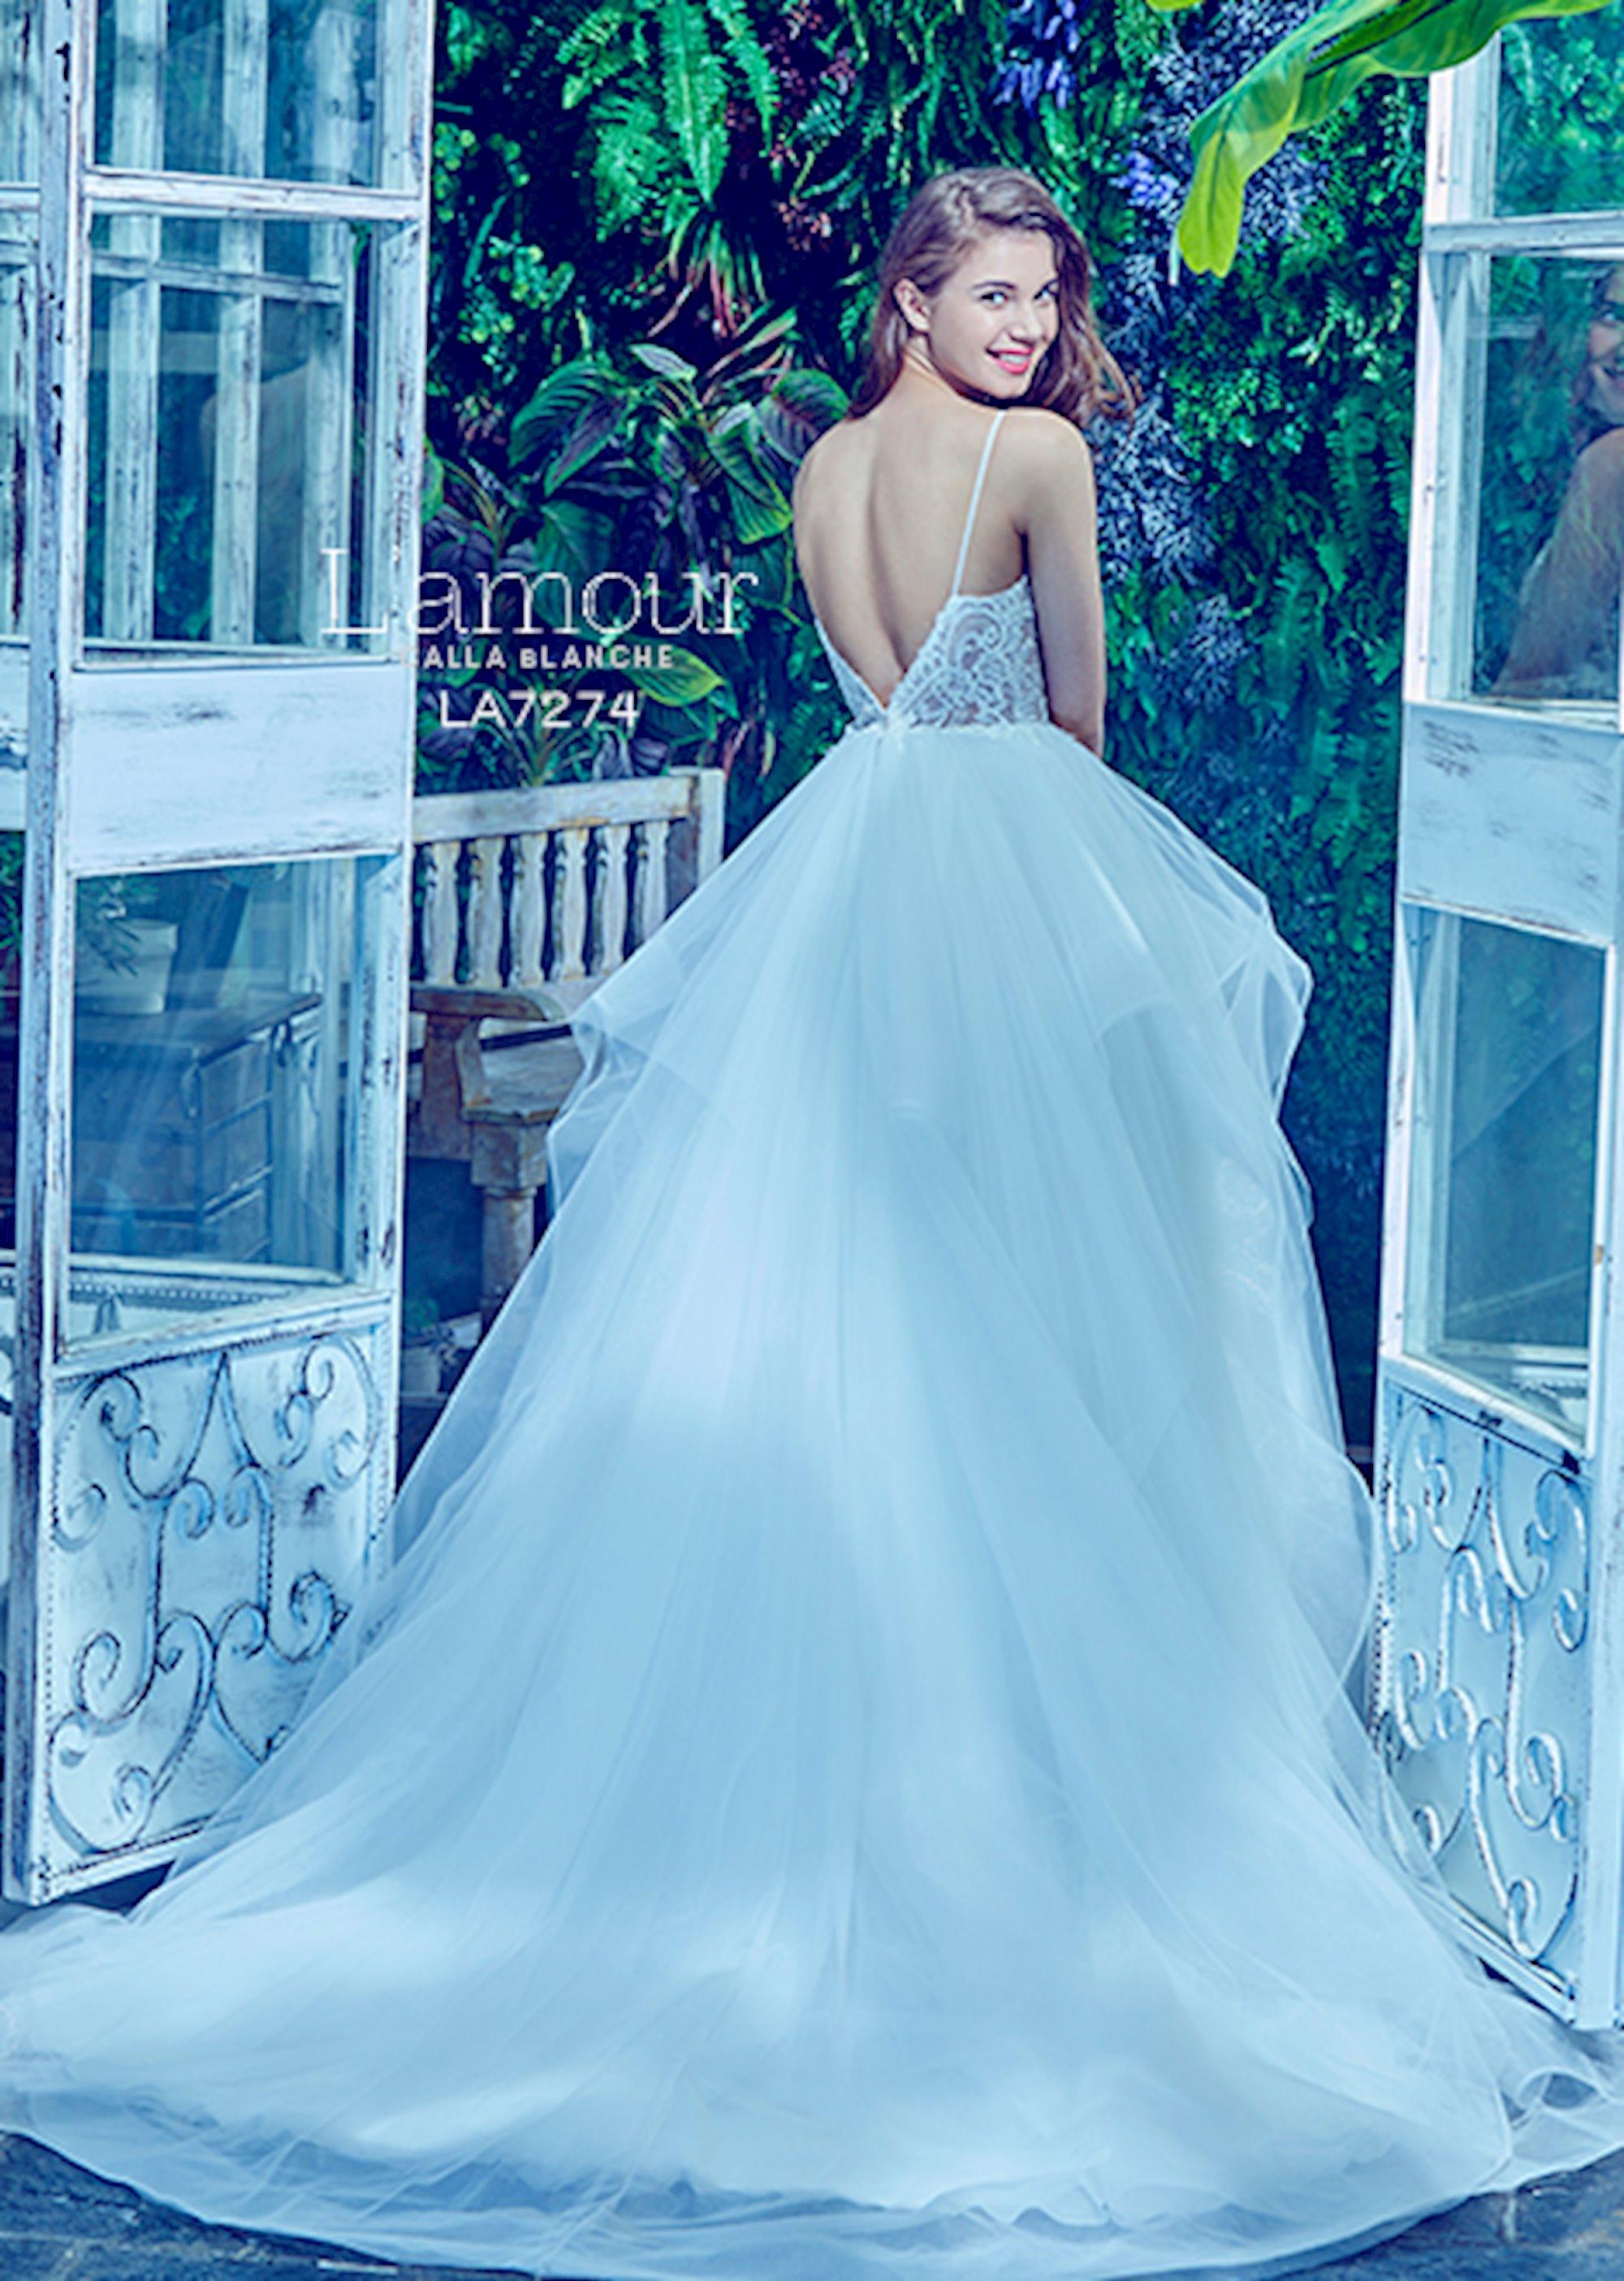 L\'AMOUR BY CALLA BLANCHE - LA7274 | Bliss Bridal & Black Tie